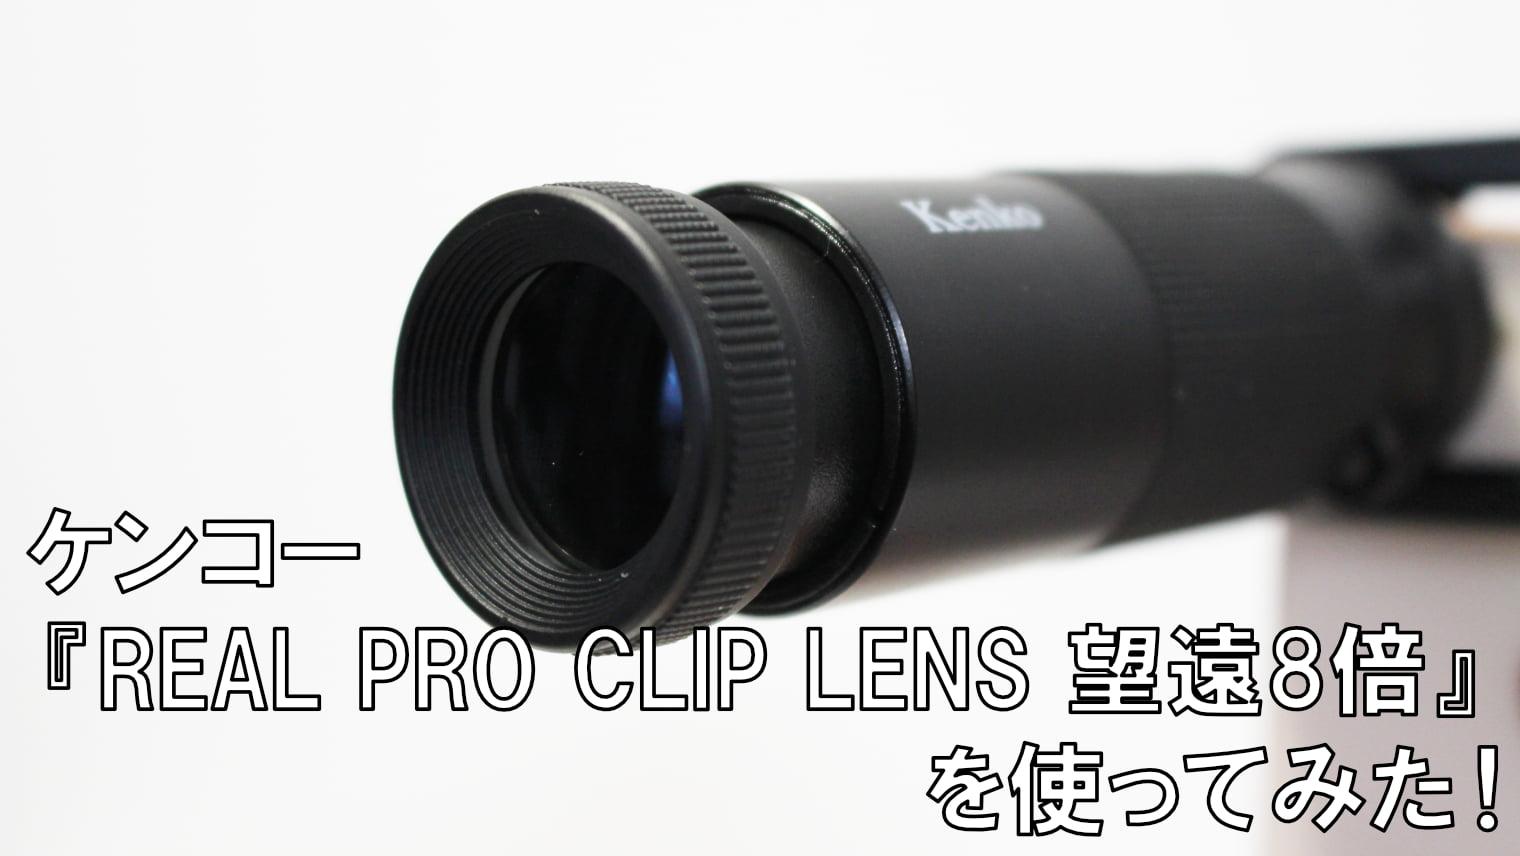 ケンコー『REAL PRO CLIP LENS 望遠8倍』レビュー【スマホ用望遠レンズ】